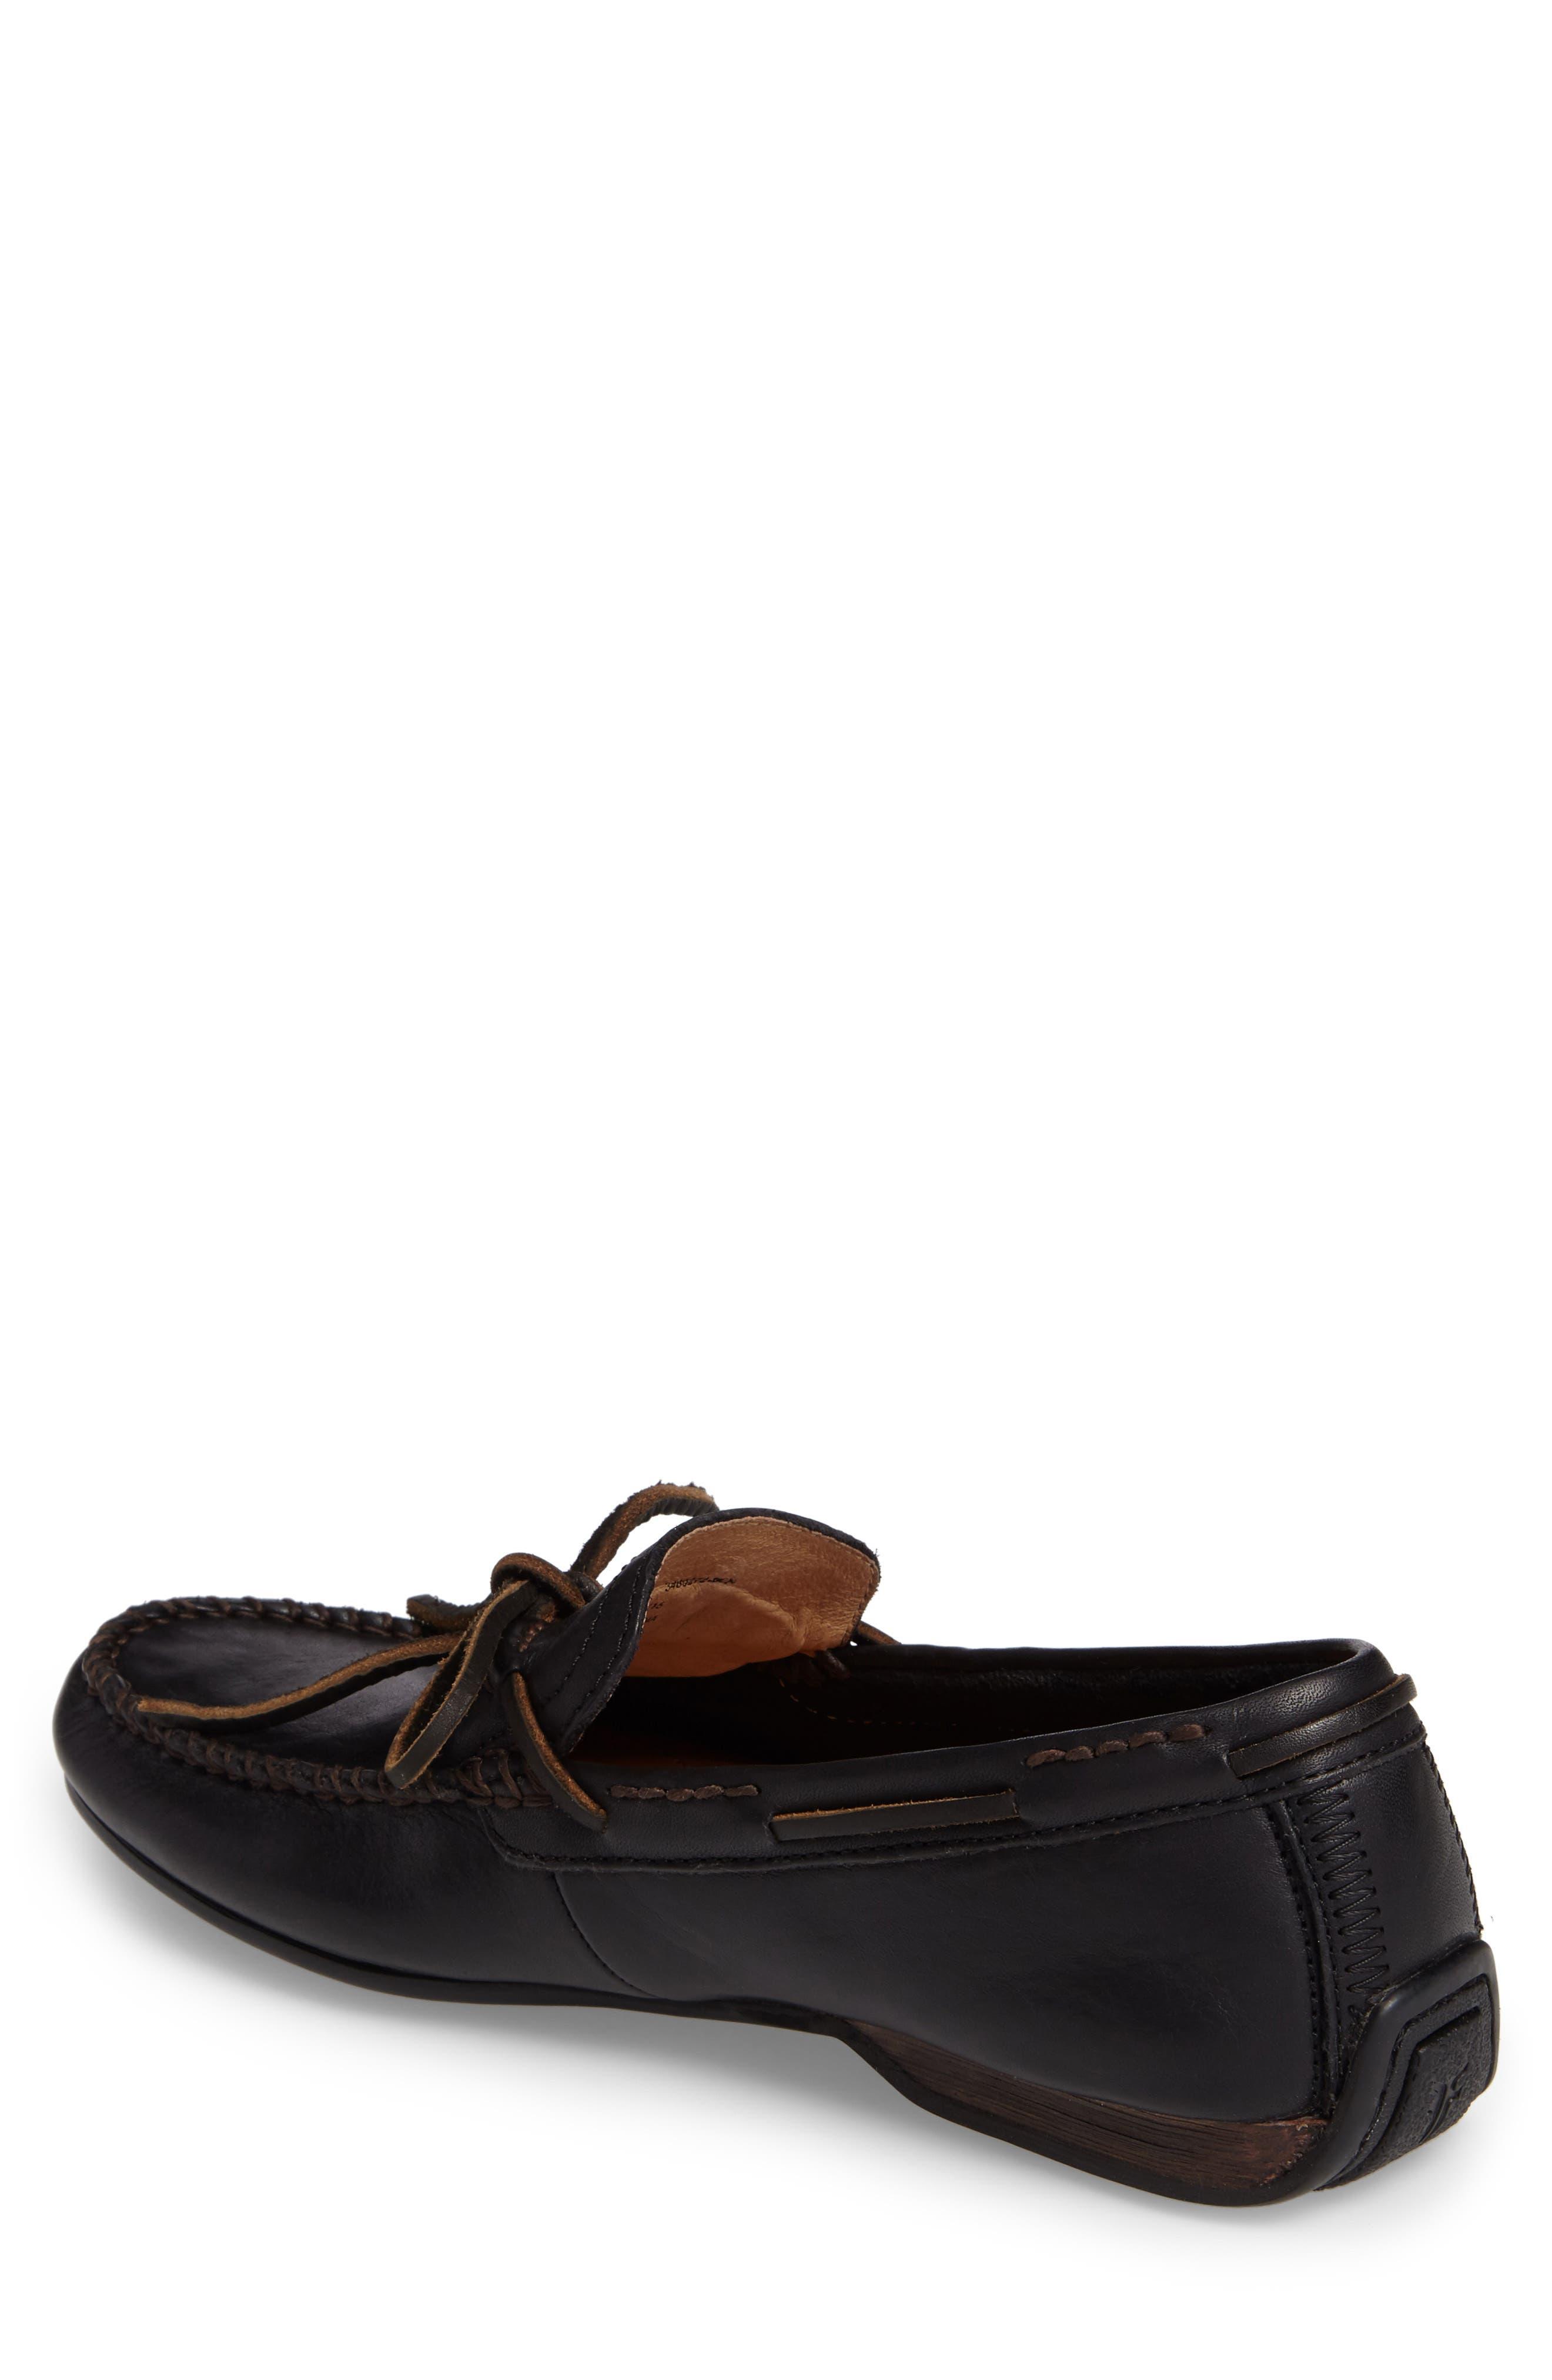 cef82877108 Men s Shoes